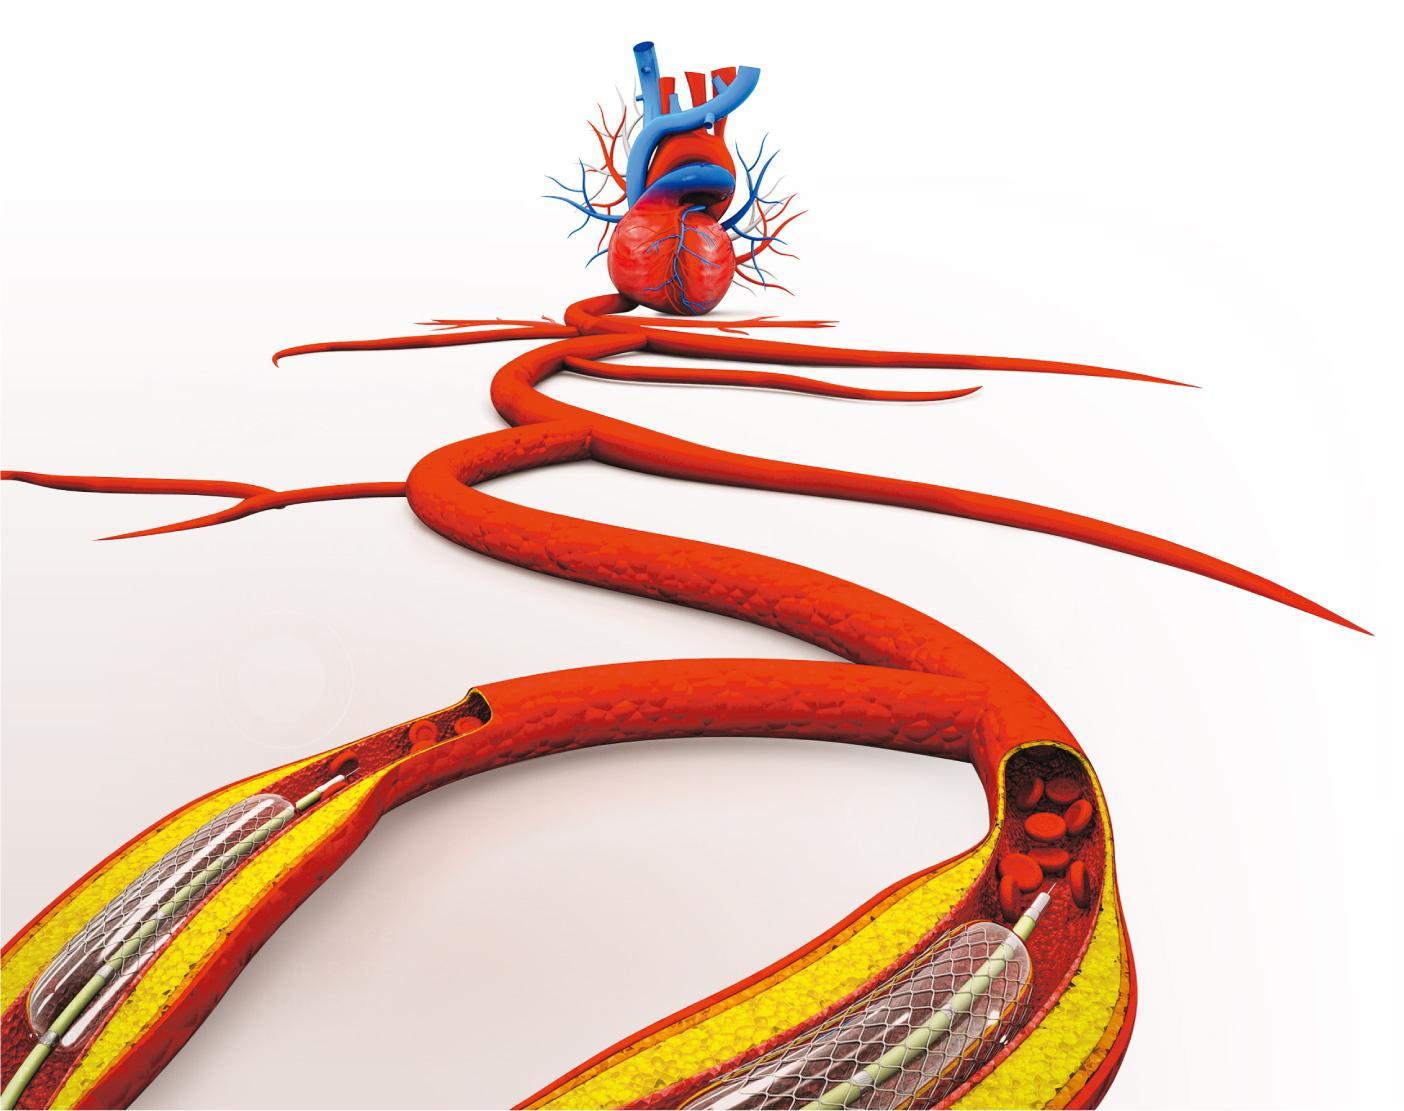 2017-06-26 快溶支架啱救年輕的心 通波仔撐血管 一年消失減風險